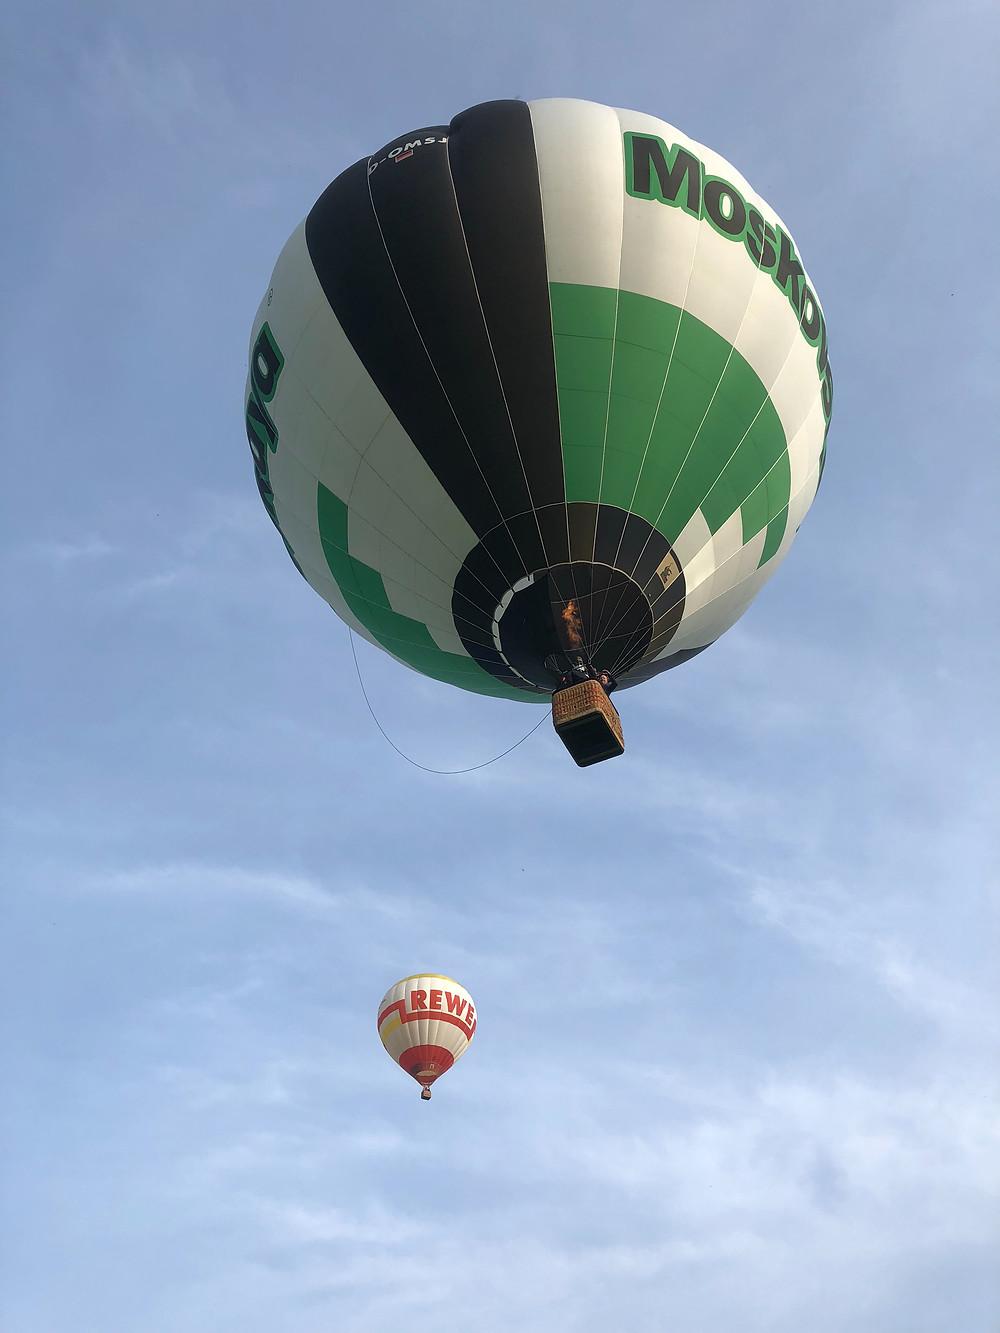 Moskovskaya Ballon vom Himmelsriesen Ballonteam